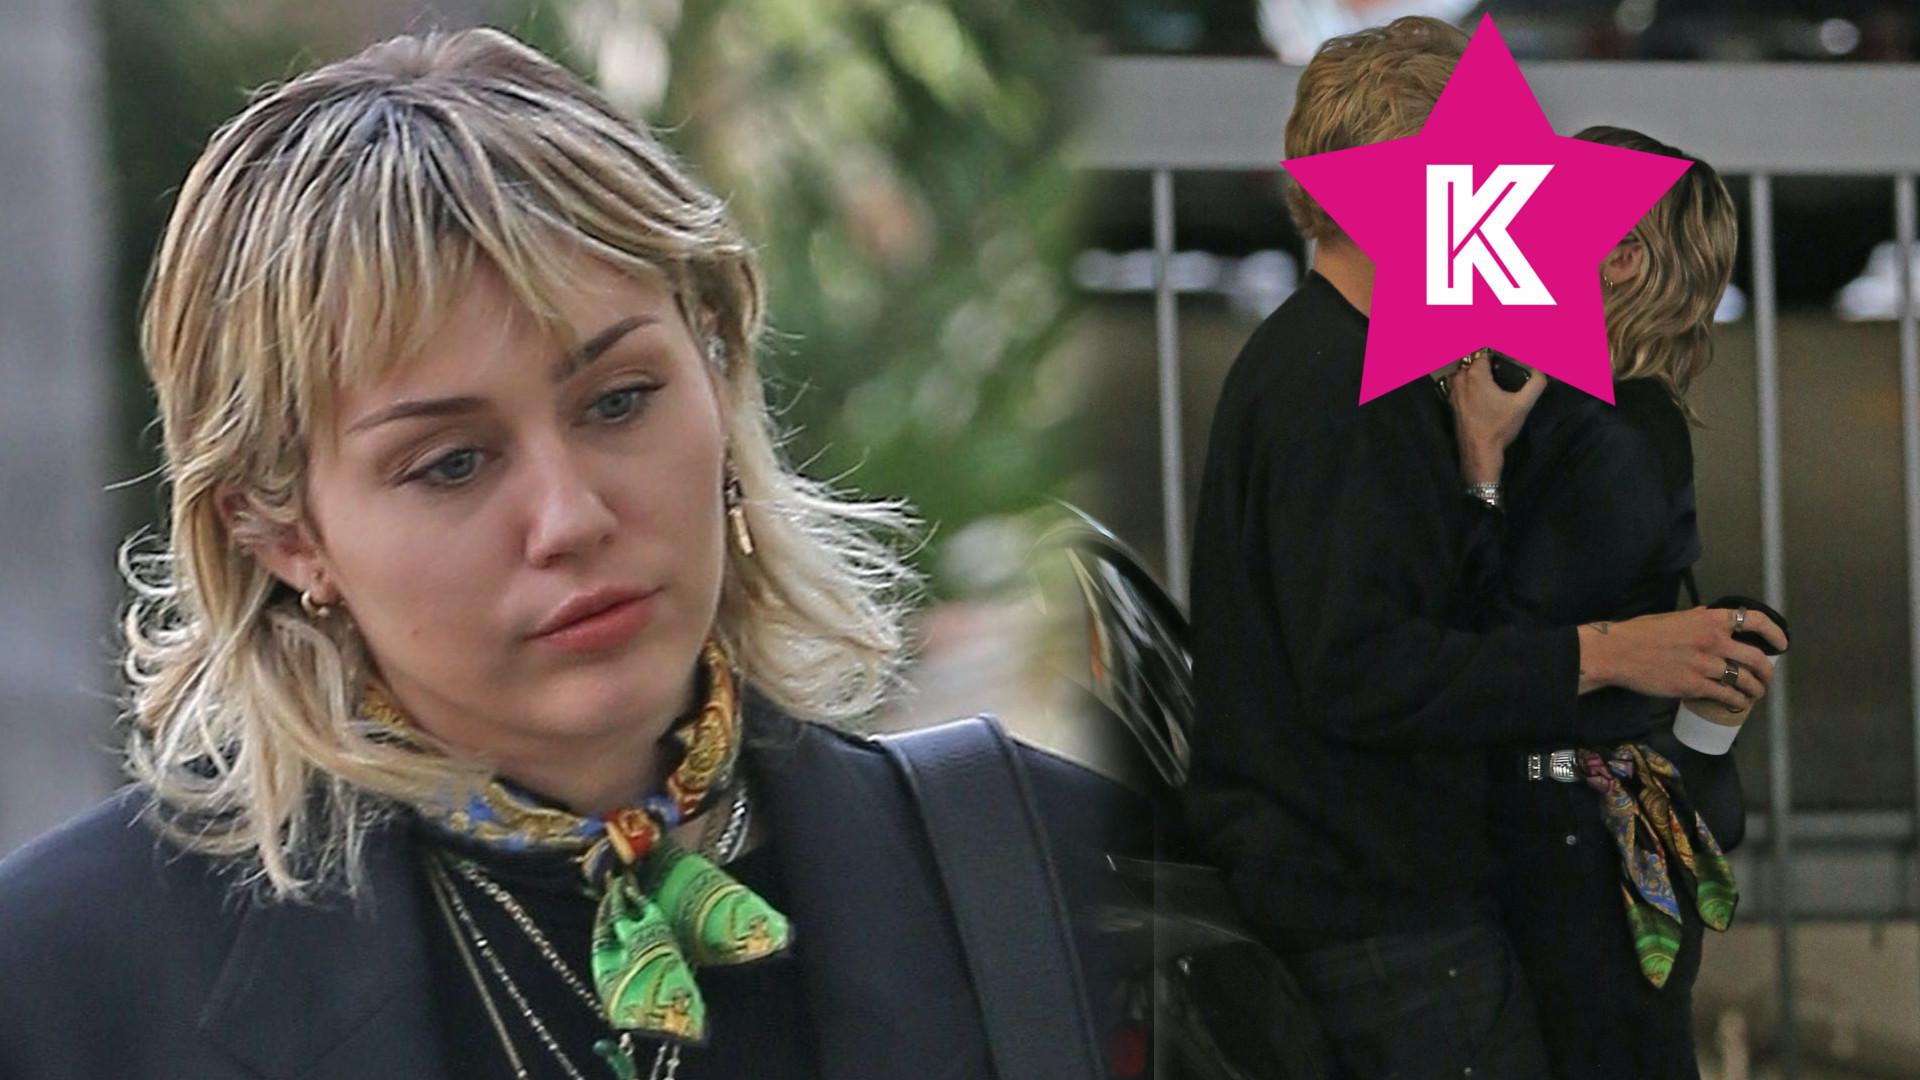 Miley Cyrus i Cody Simpson w namiętnym pocałunku. Cyrus chce dopiec Liamowi Hemsworth'owi?